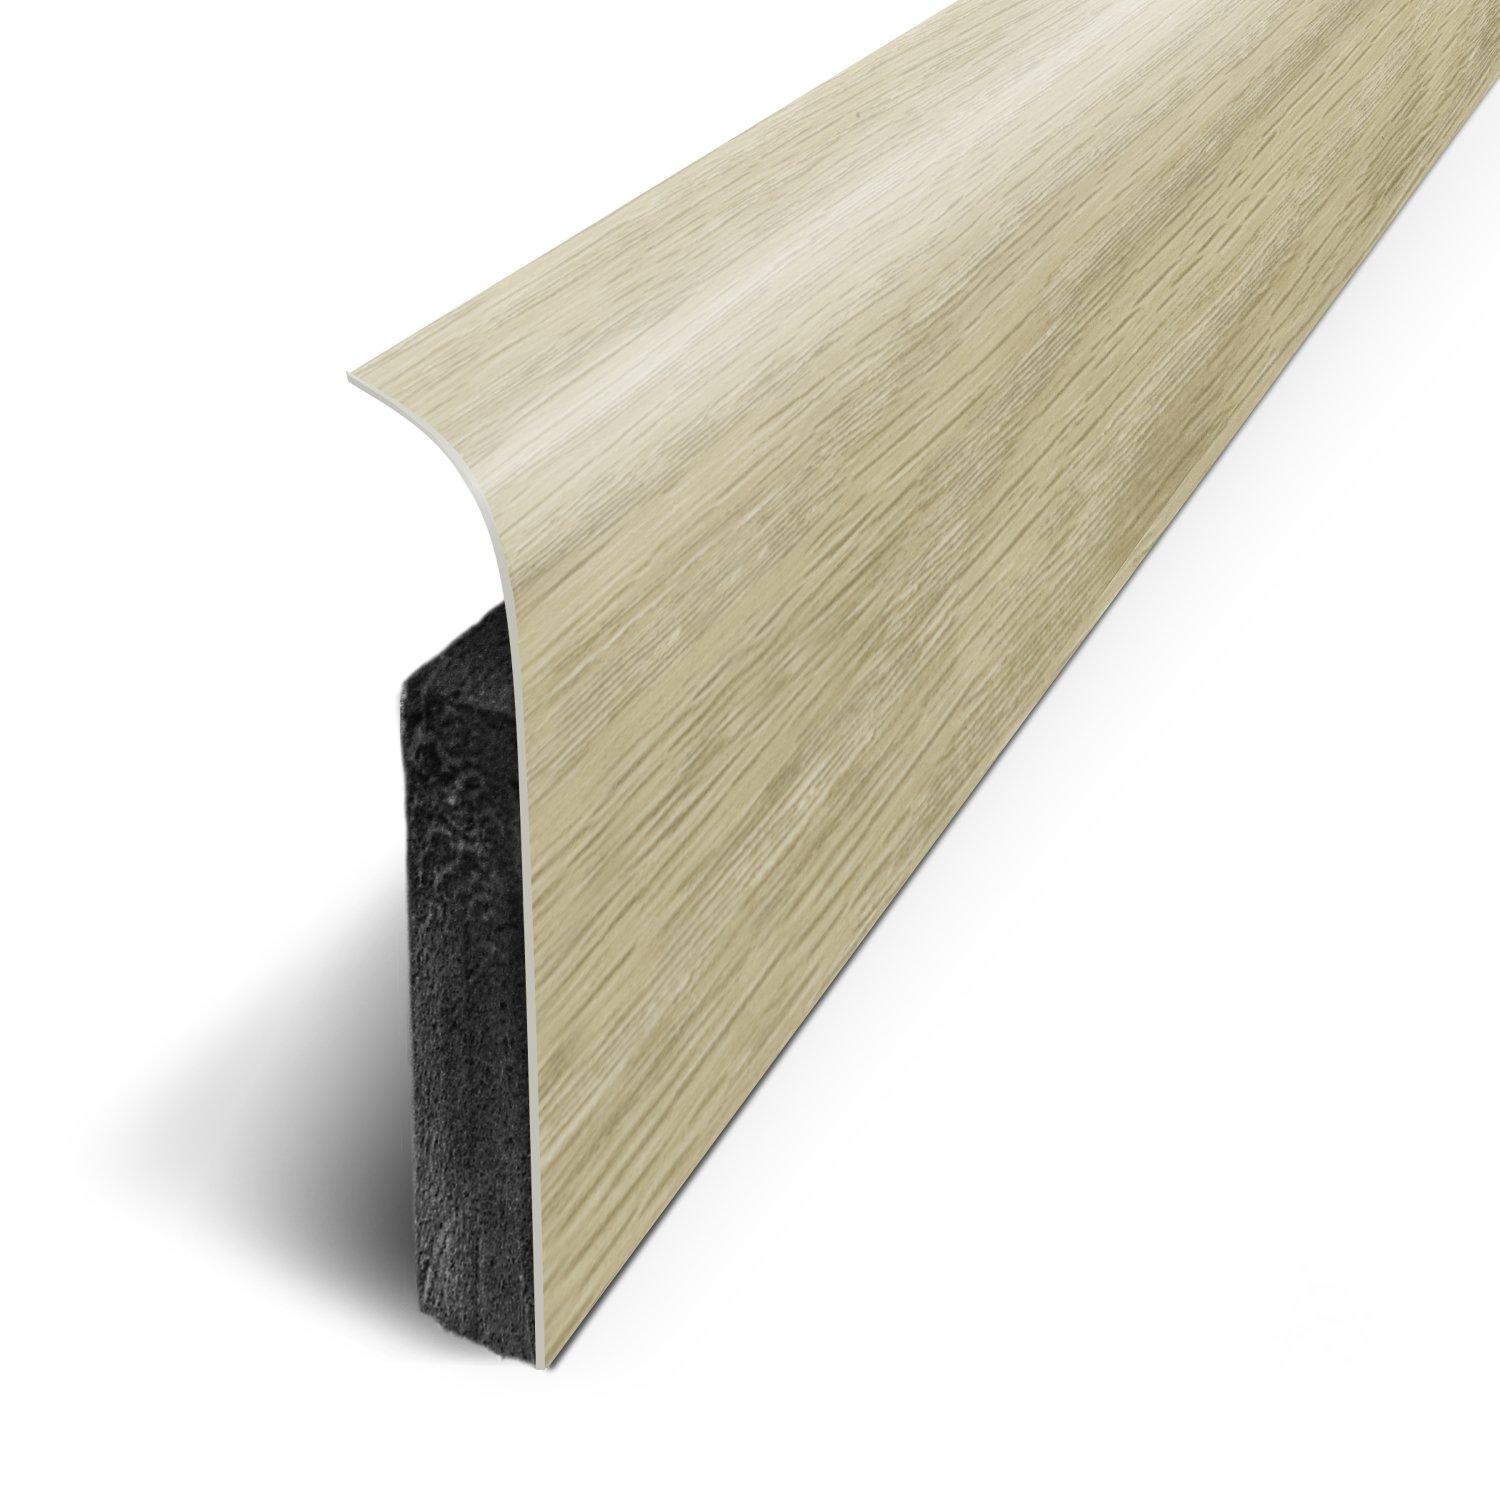 3M Long.120 cm x Haut.7 cm x Ep - Ch/êne Terail 1.1cm Plinthes Adh/ésives Ref: D180513D lot de 5